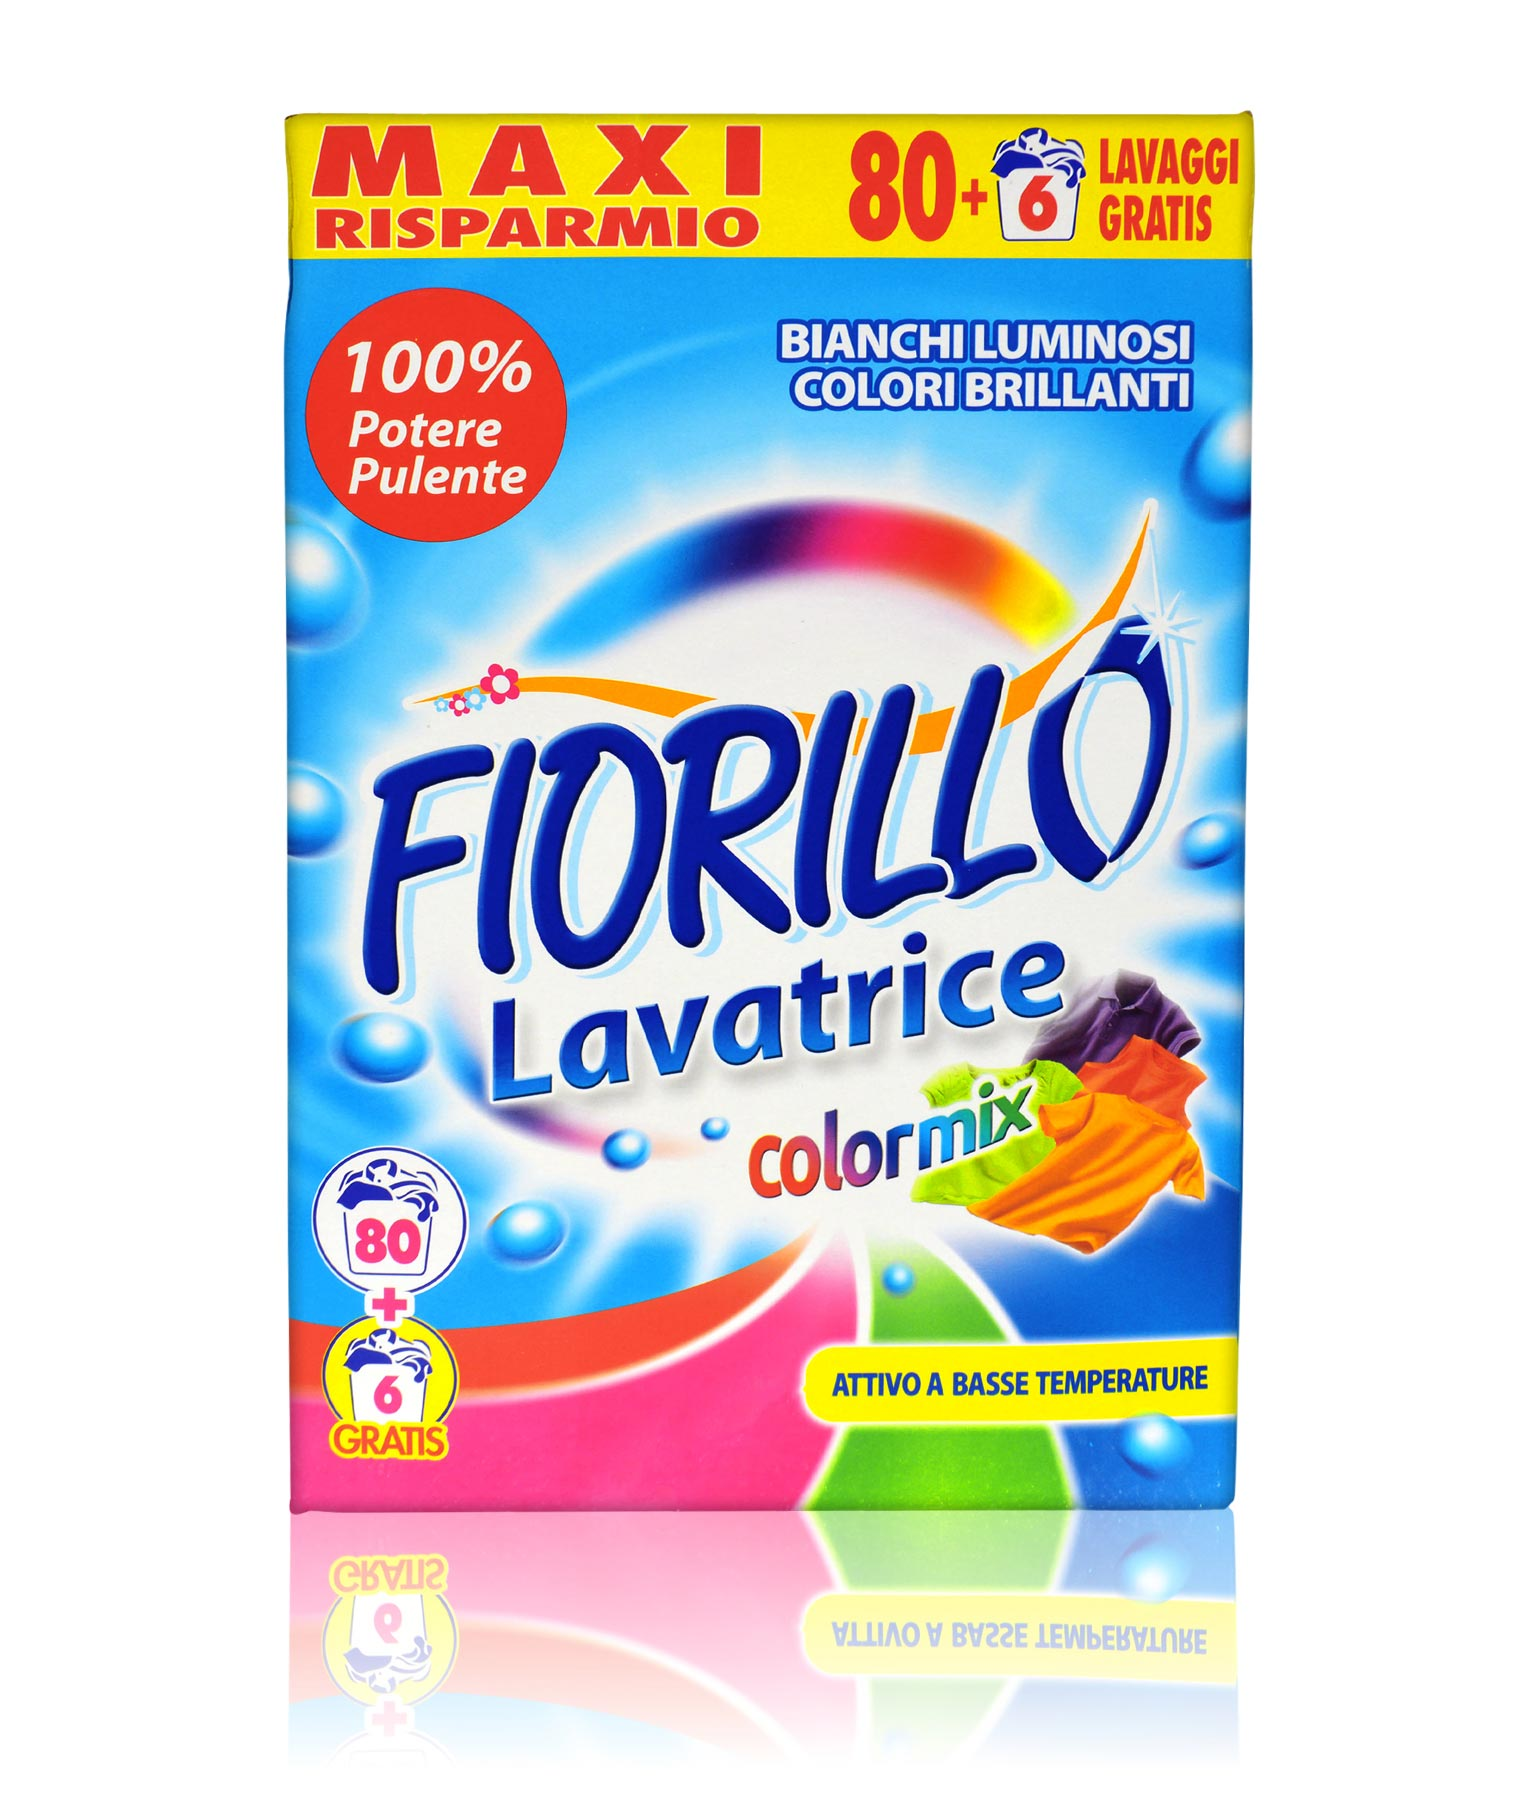 fiorillo detersivo lavatrice polvere colormix 86 lavaggi